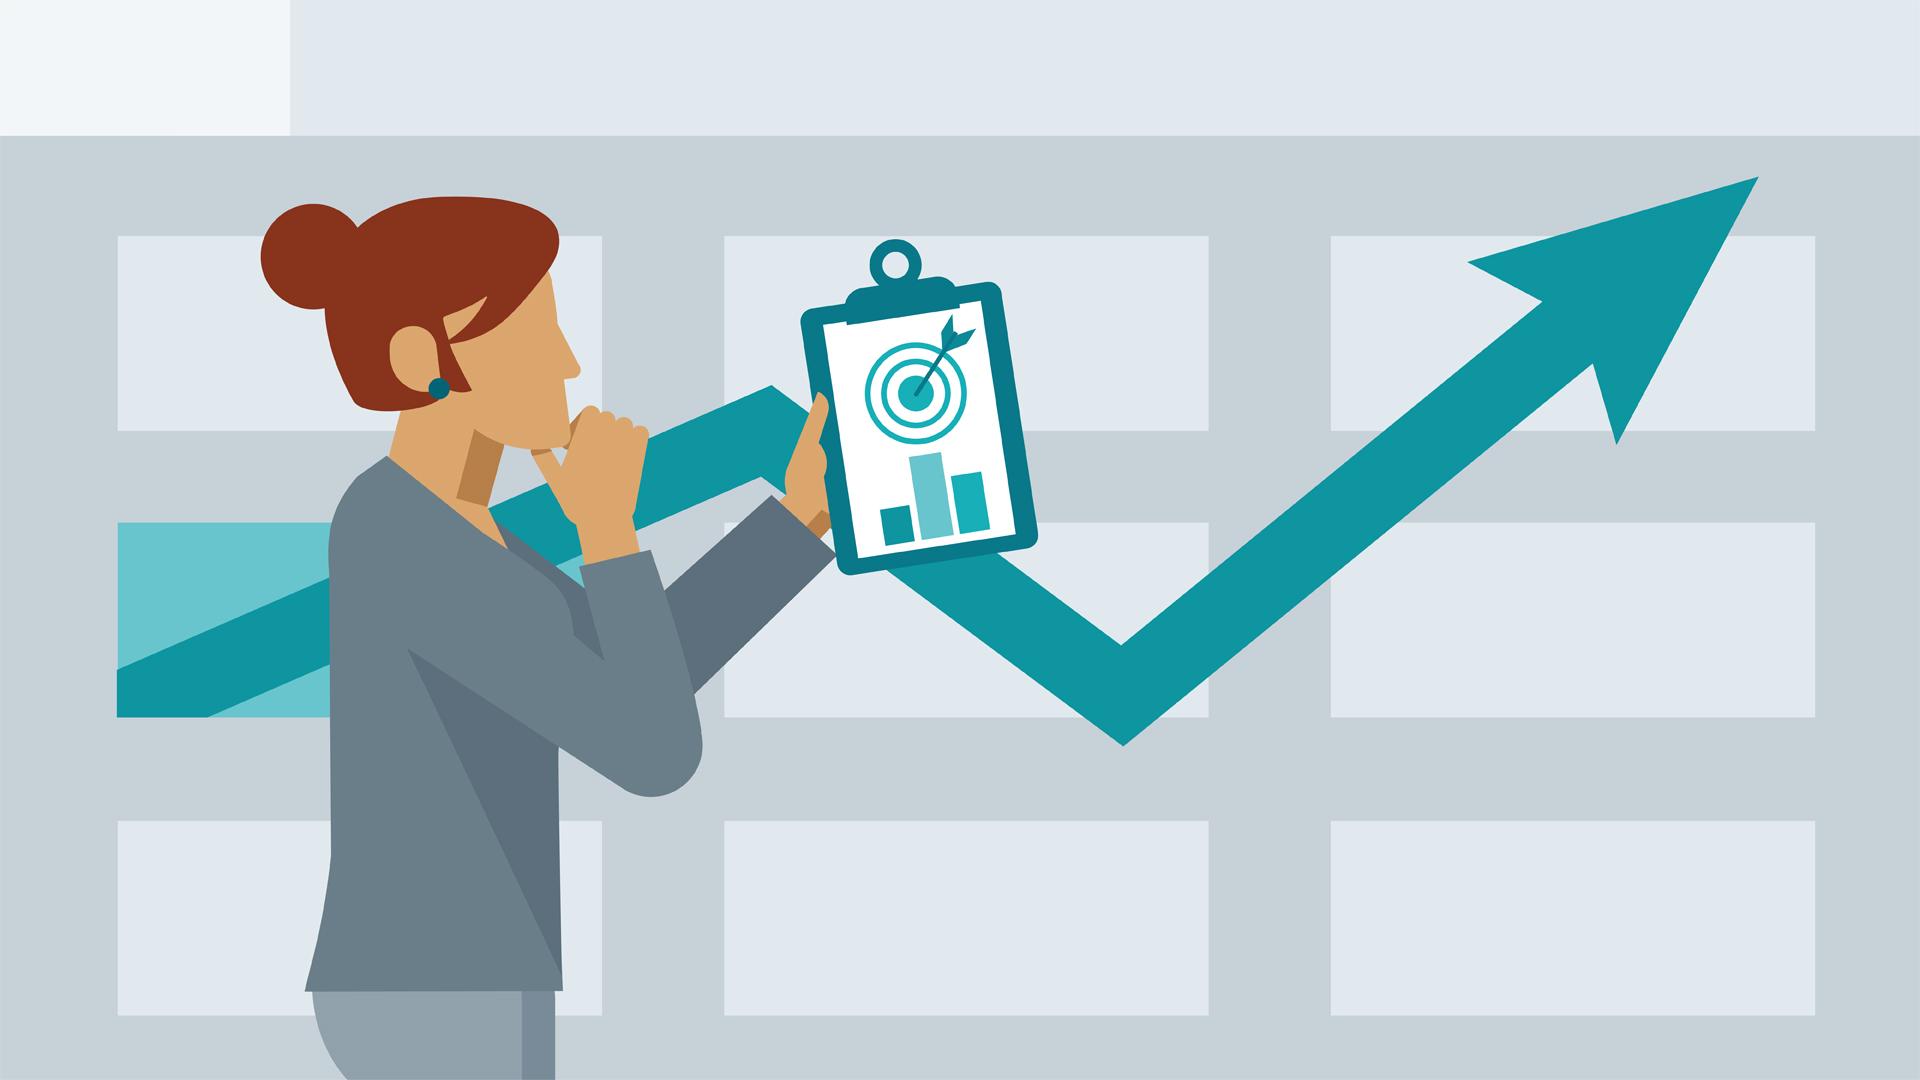 ۶ توصیه روانشناسی که یک بازاریاب حرفه ای شوید